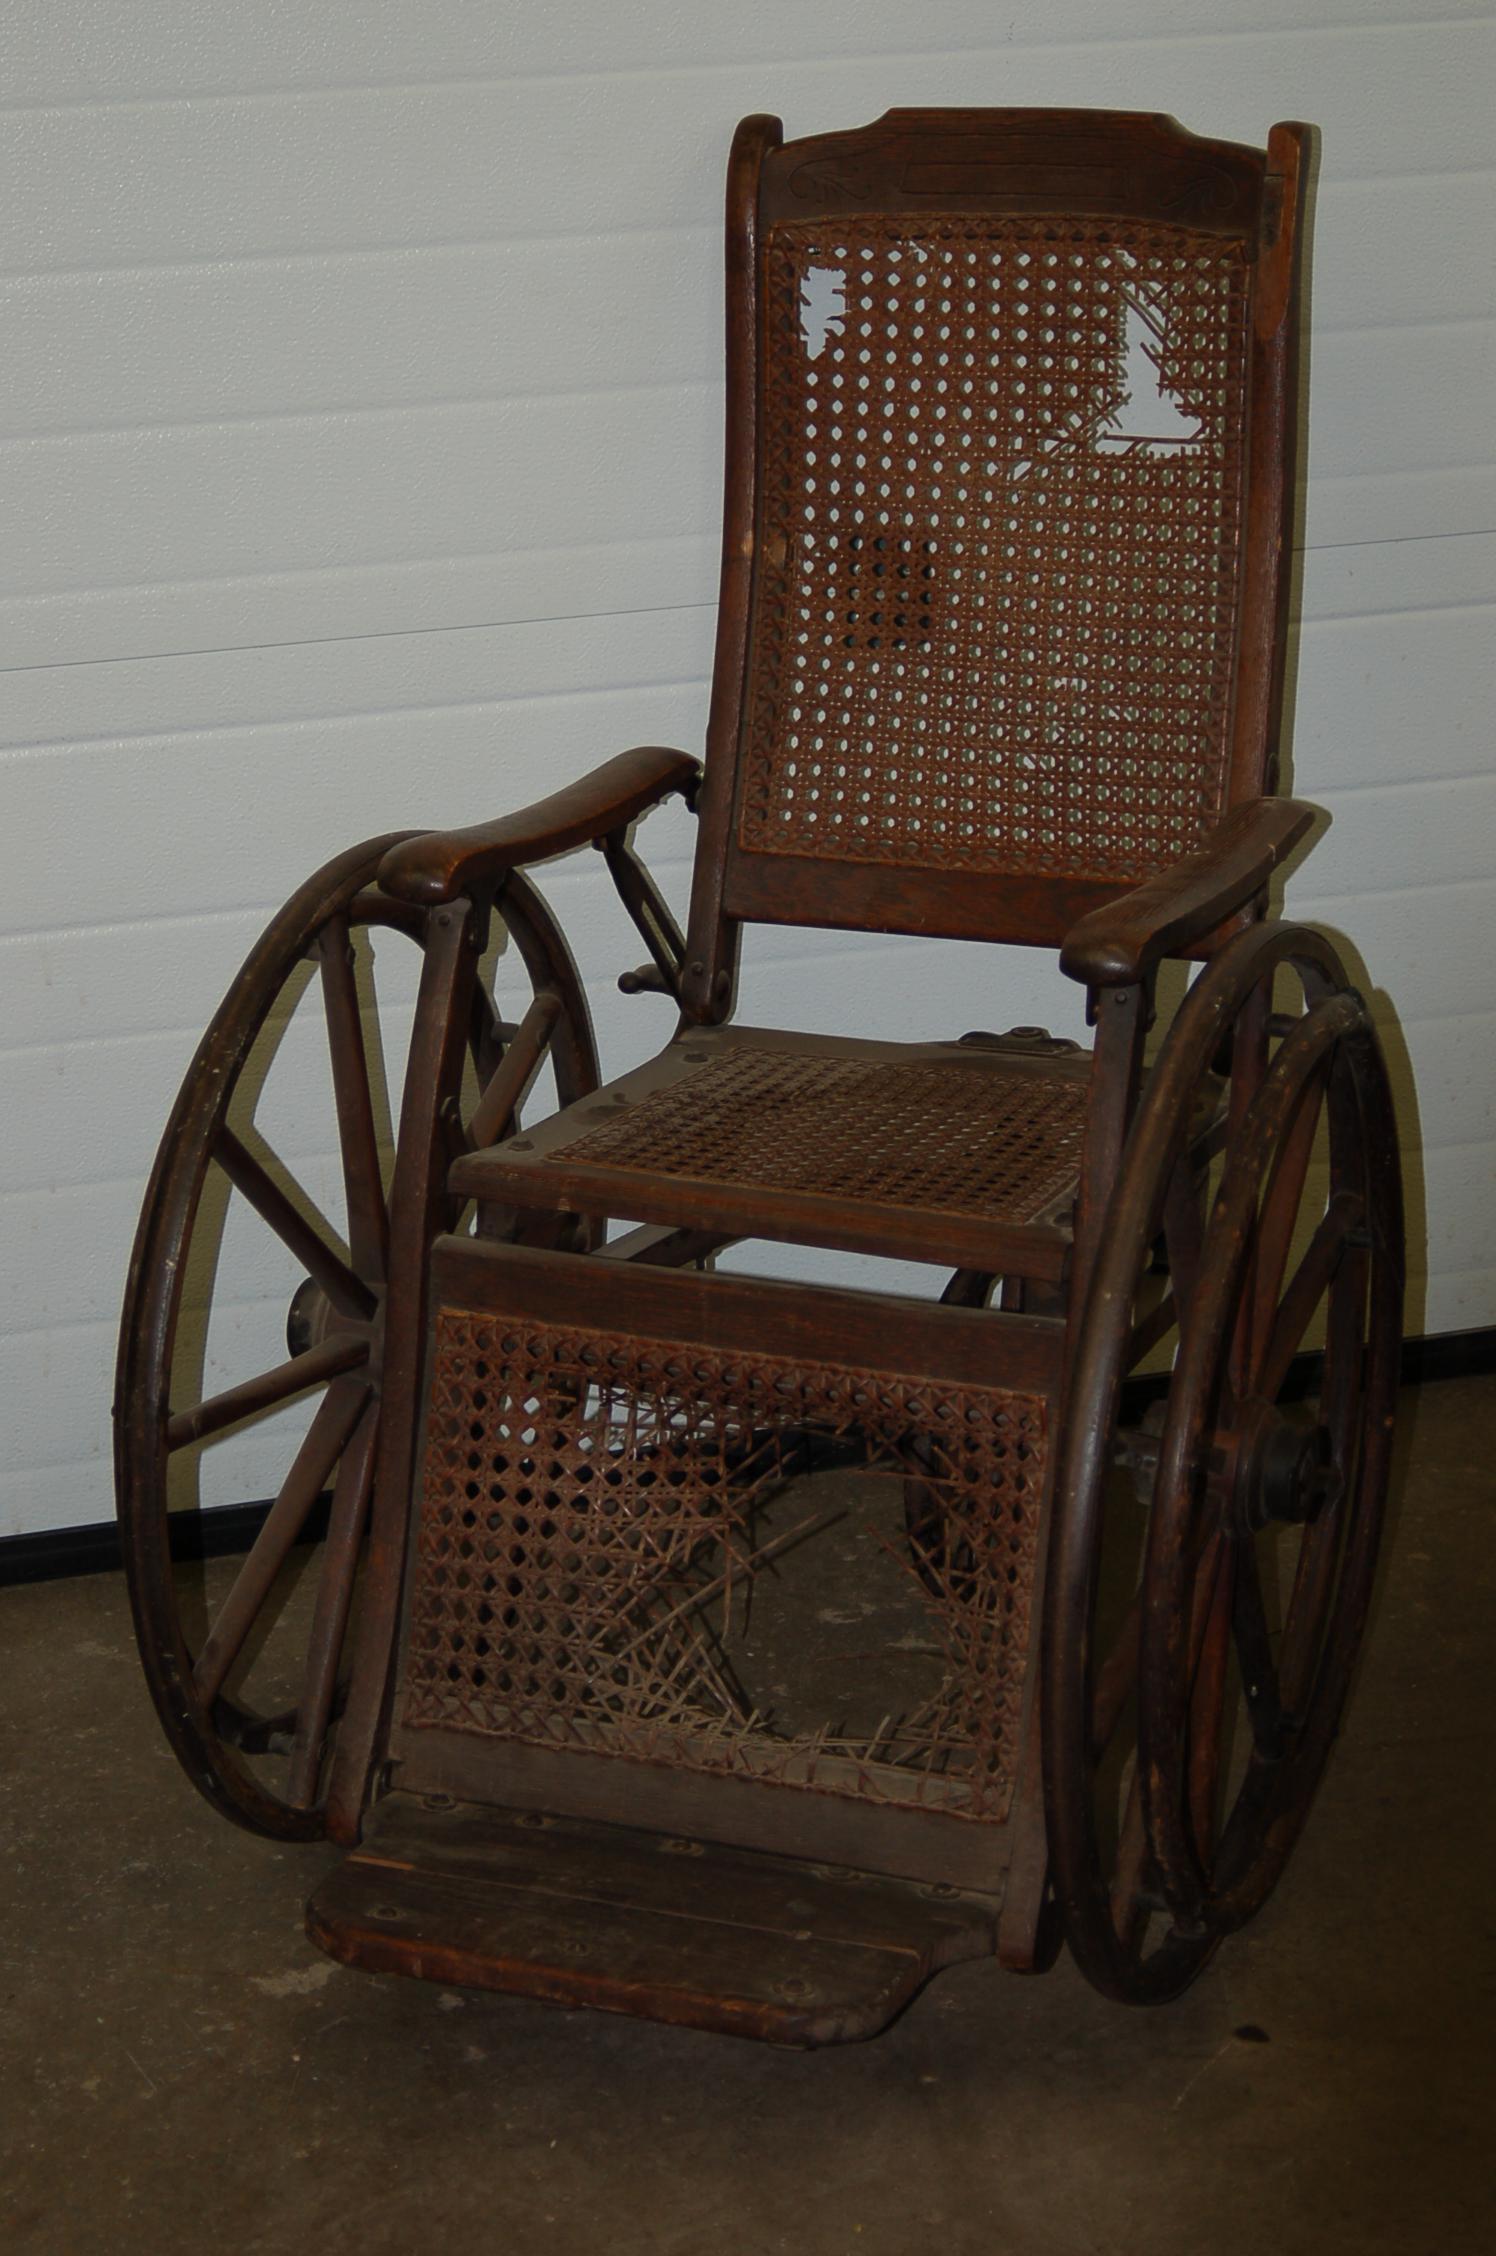 Antique Wheelchair - Before - Antique Wheel Chair Antique Furniture - Antique  Wheel Chair Antique Furniture - Antique Wheel Chair Antique Furniture